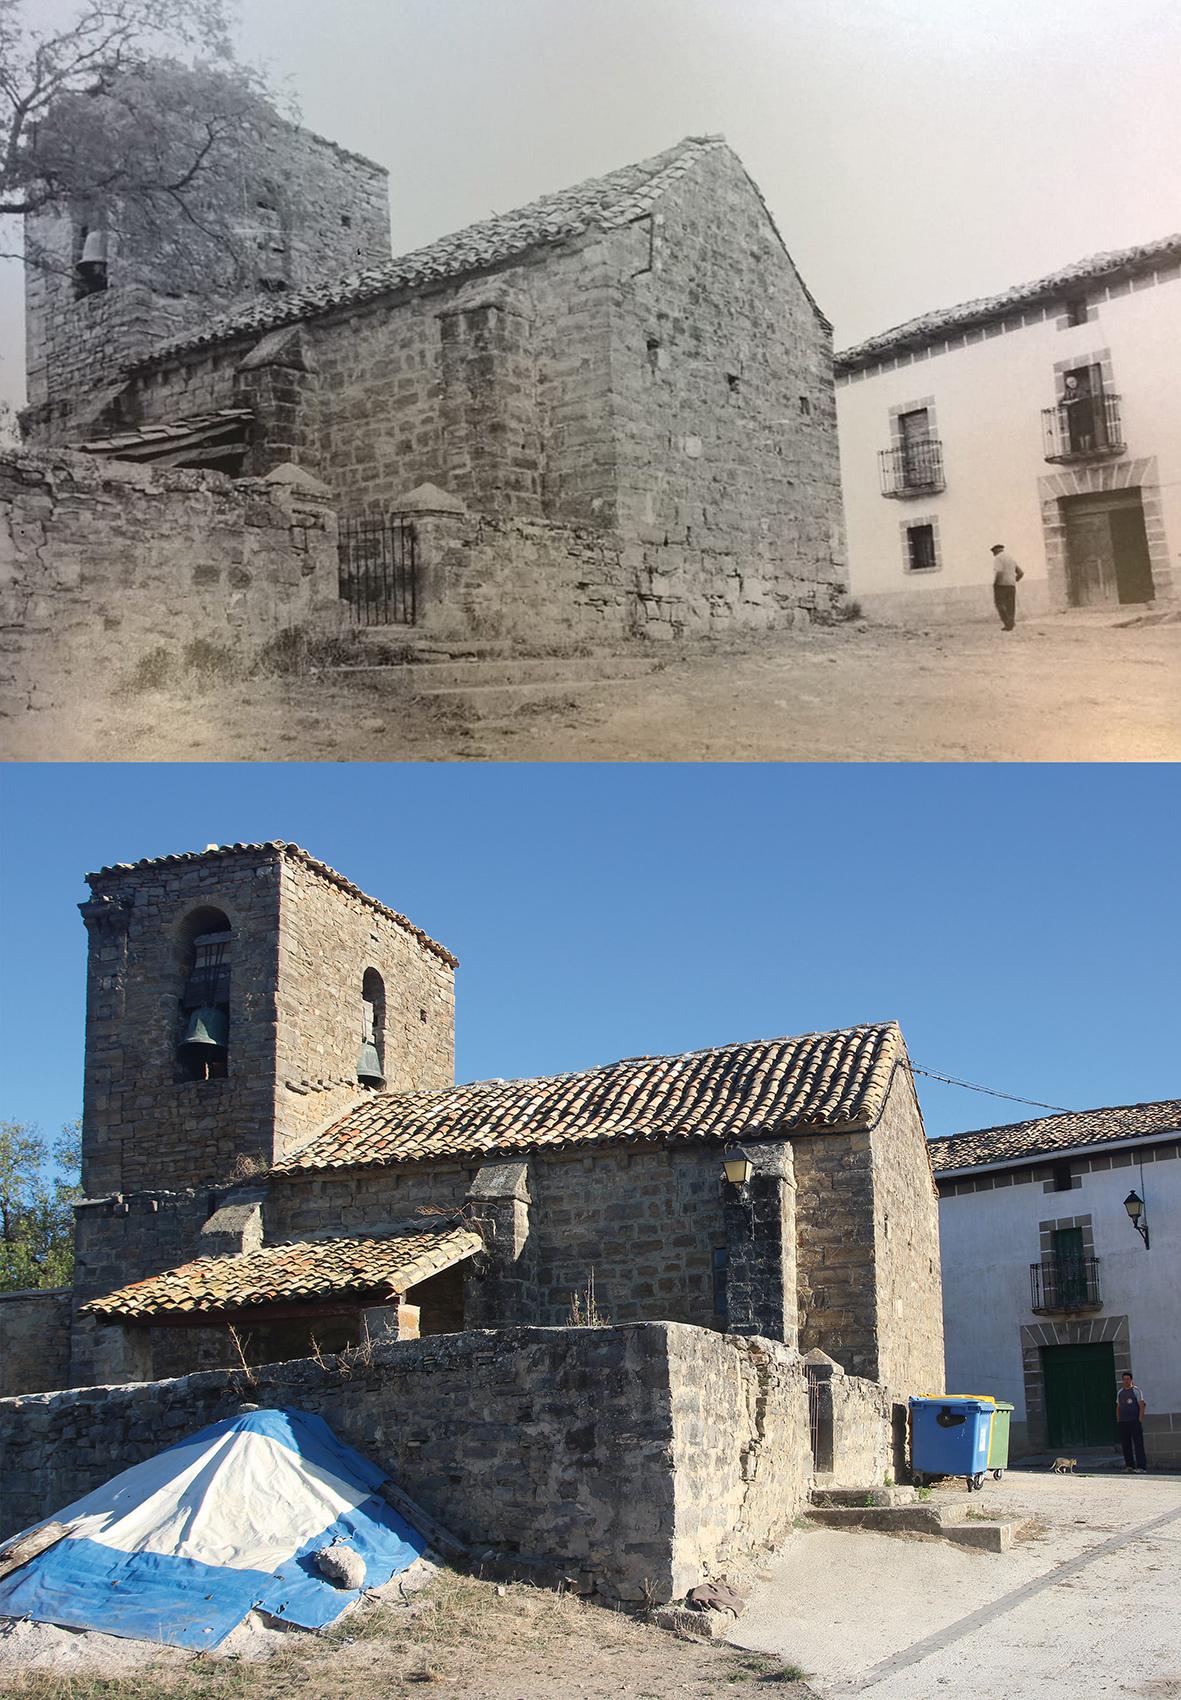 """Ozcoidi es una localidad del valle de Urraul Alto, en la Merindad se Sangüesa. Esta zona es una de las más despobladas de Navarra, a ambas fotos les separan algo más de 40 años, en la de abajo, Ignacio Induráin y en la de arriba sus abuelos. """"Hace unos 70 años, había unas siete u ocho familias y había escuela, e incluso una taberna. Ahora, tan sólo una familia""""."""